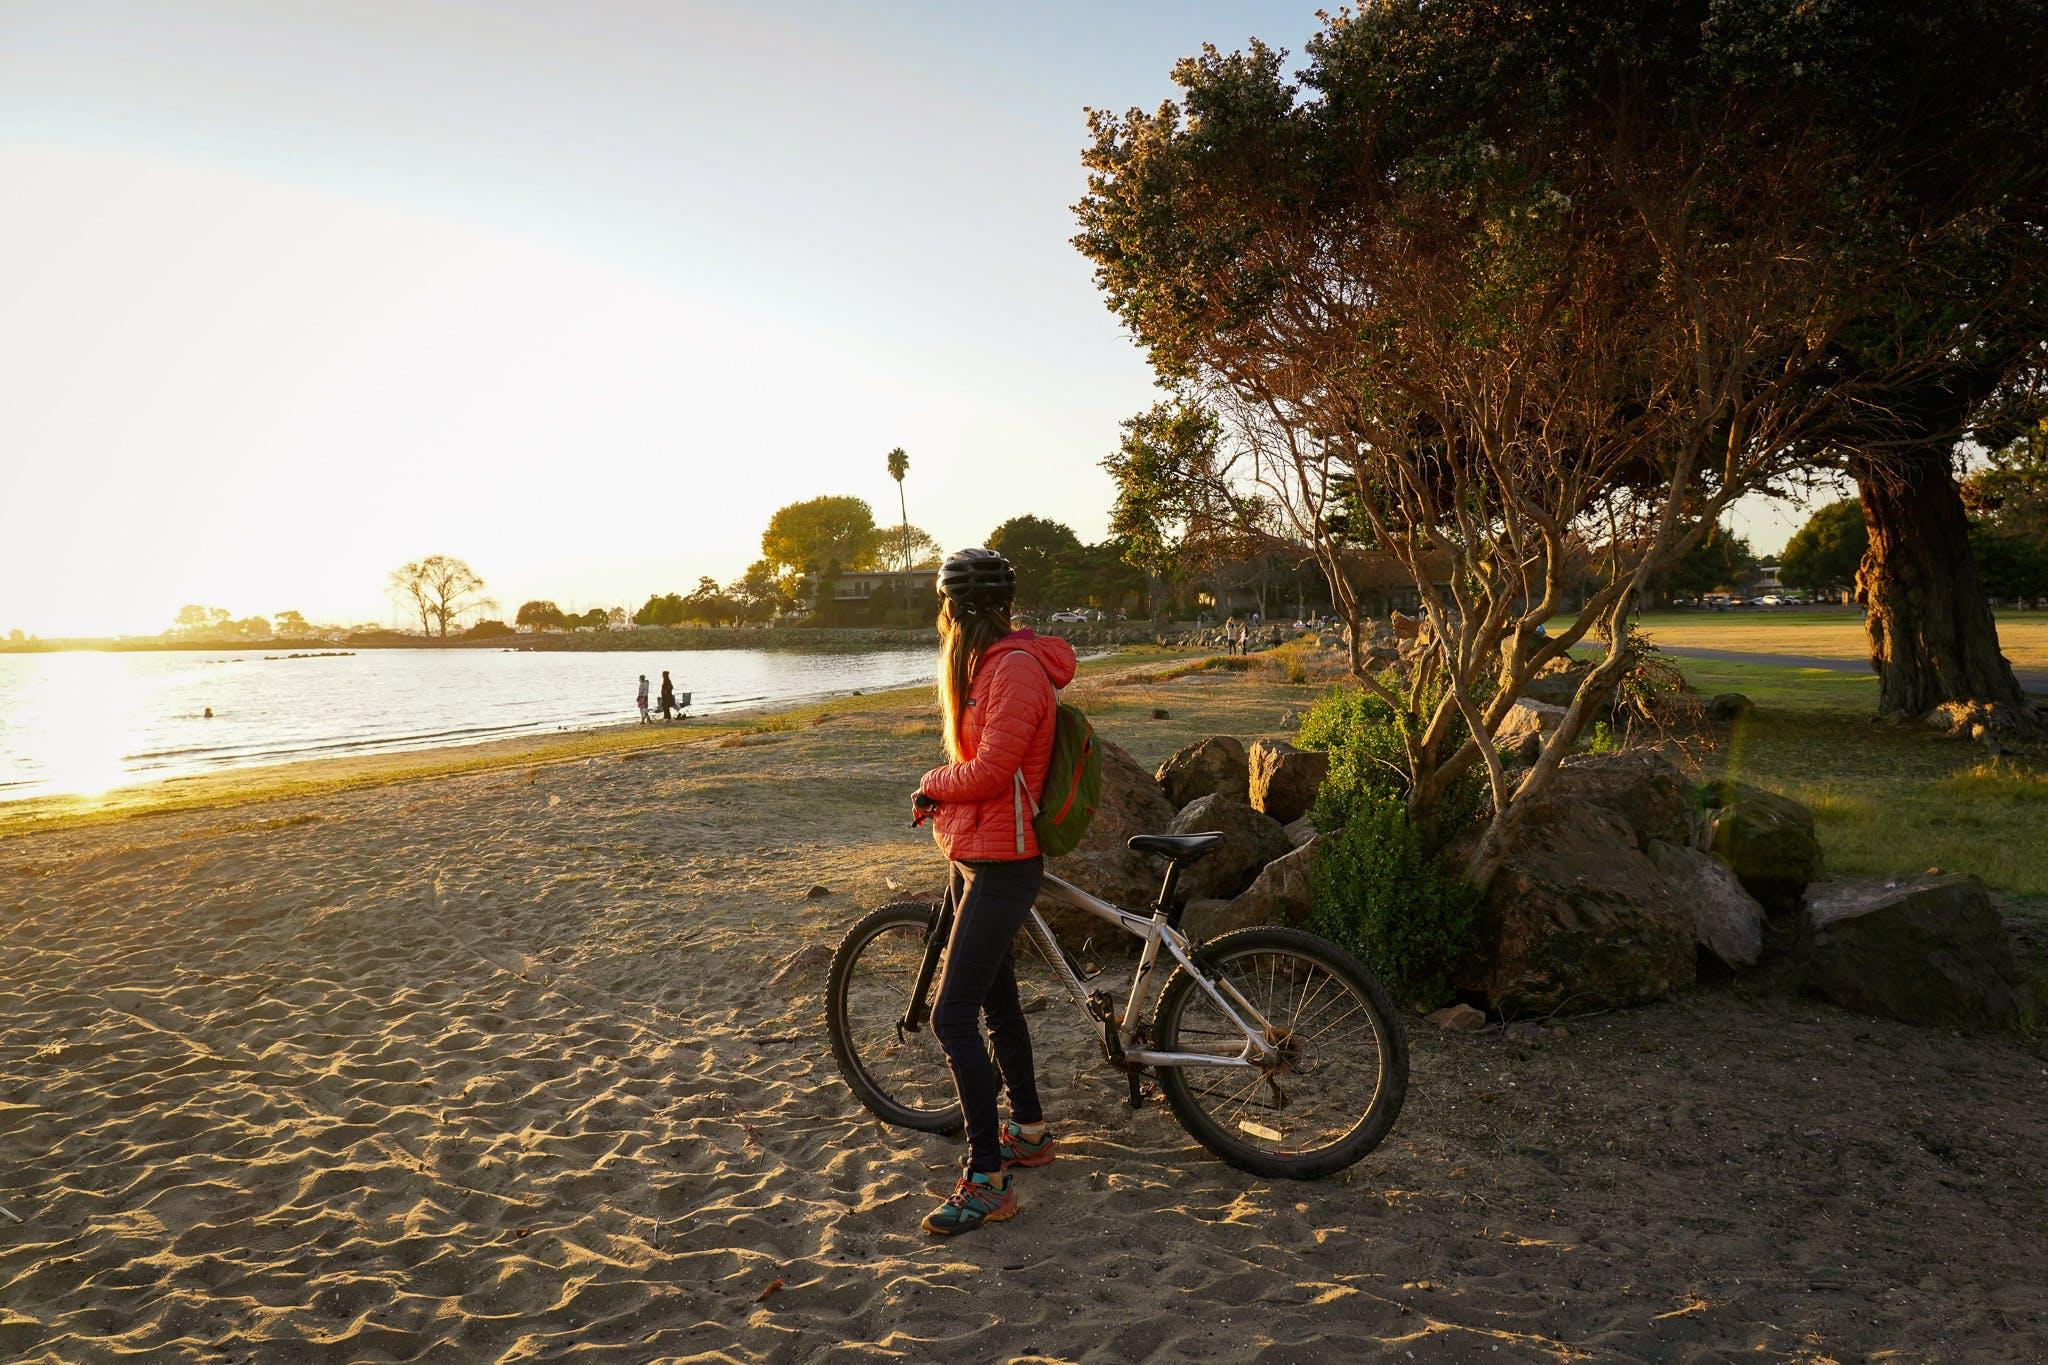 Woman on a bike at a beach in Alameda